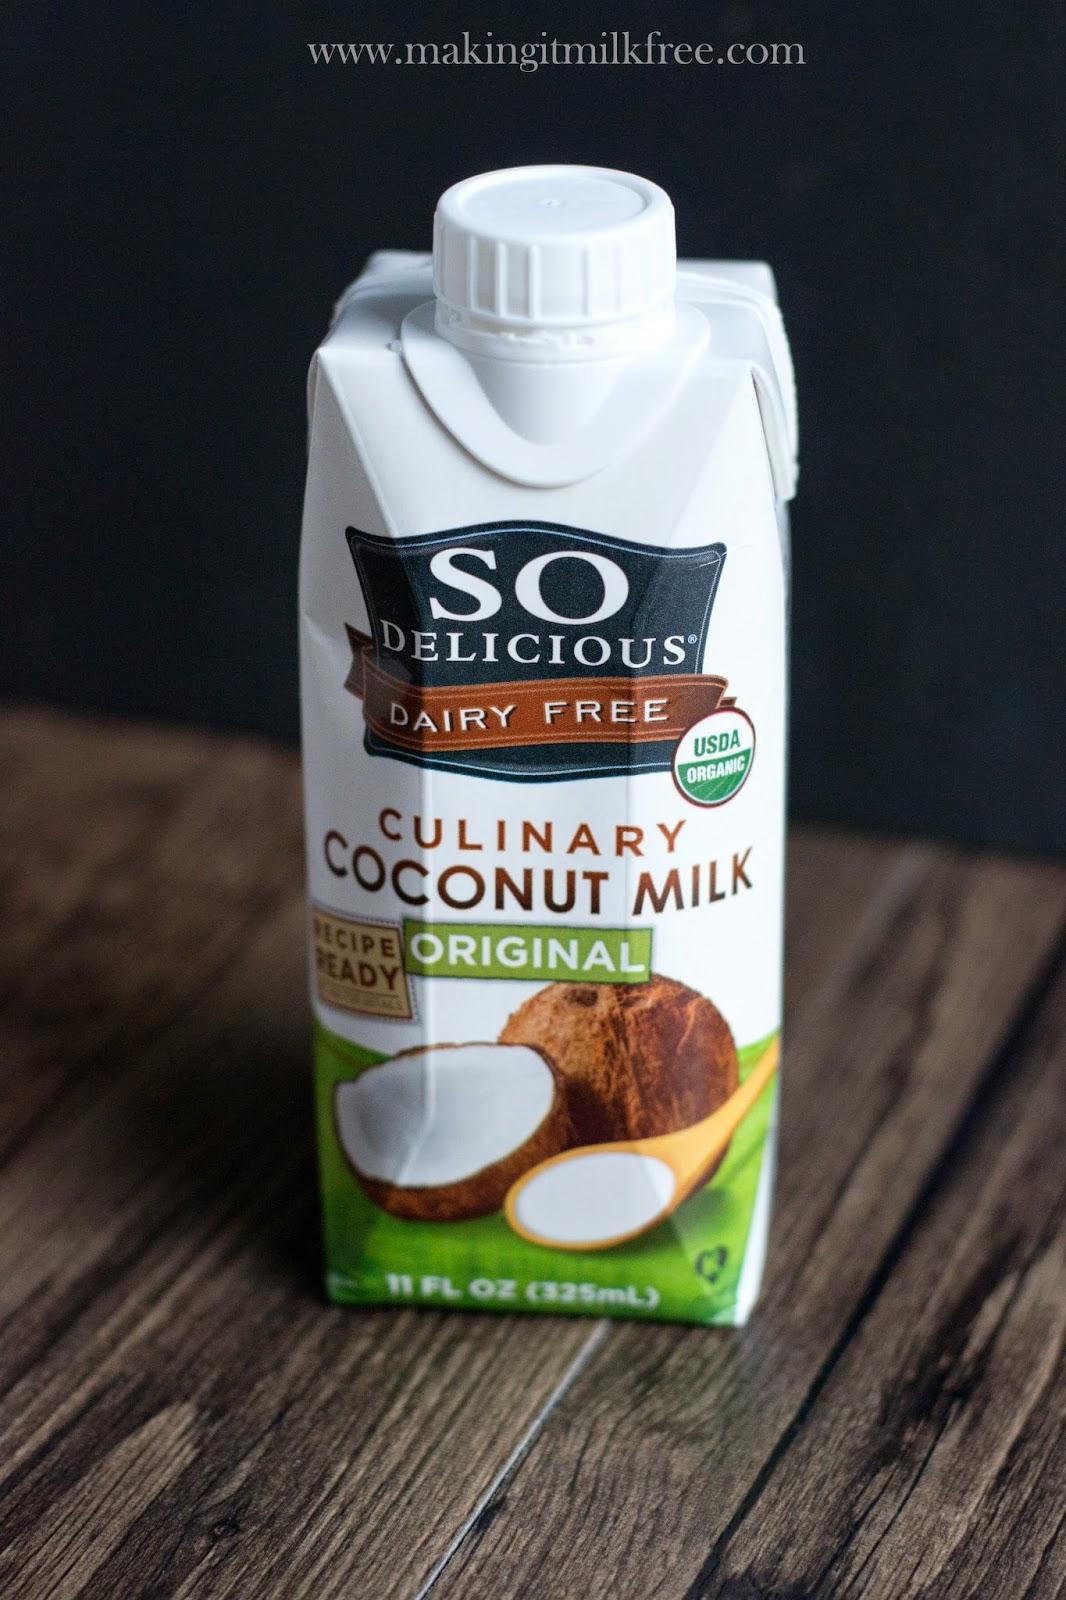 #dairyfree #vegan #glutenfree #allergyfriendly #coconutmilk #sodelicious